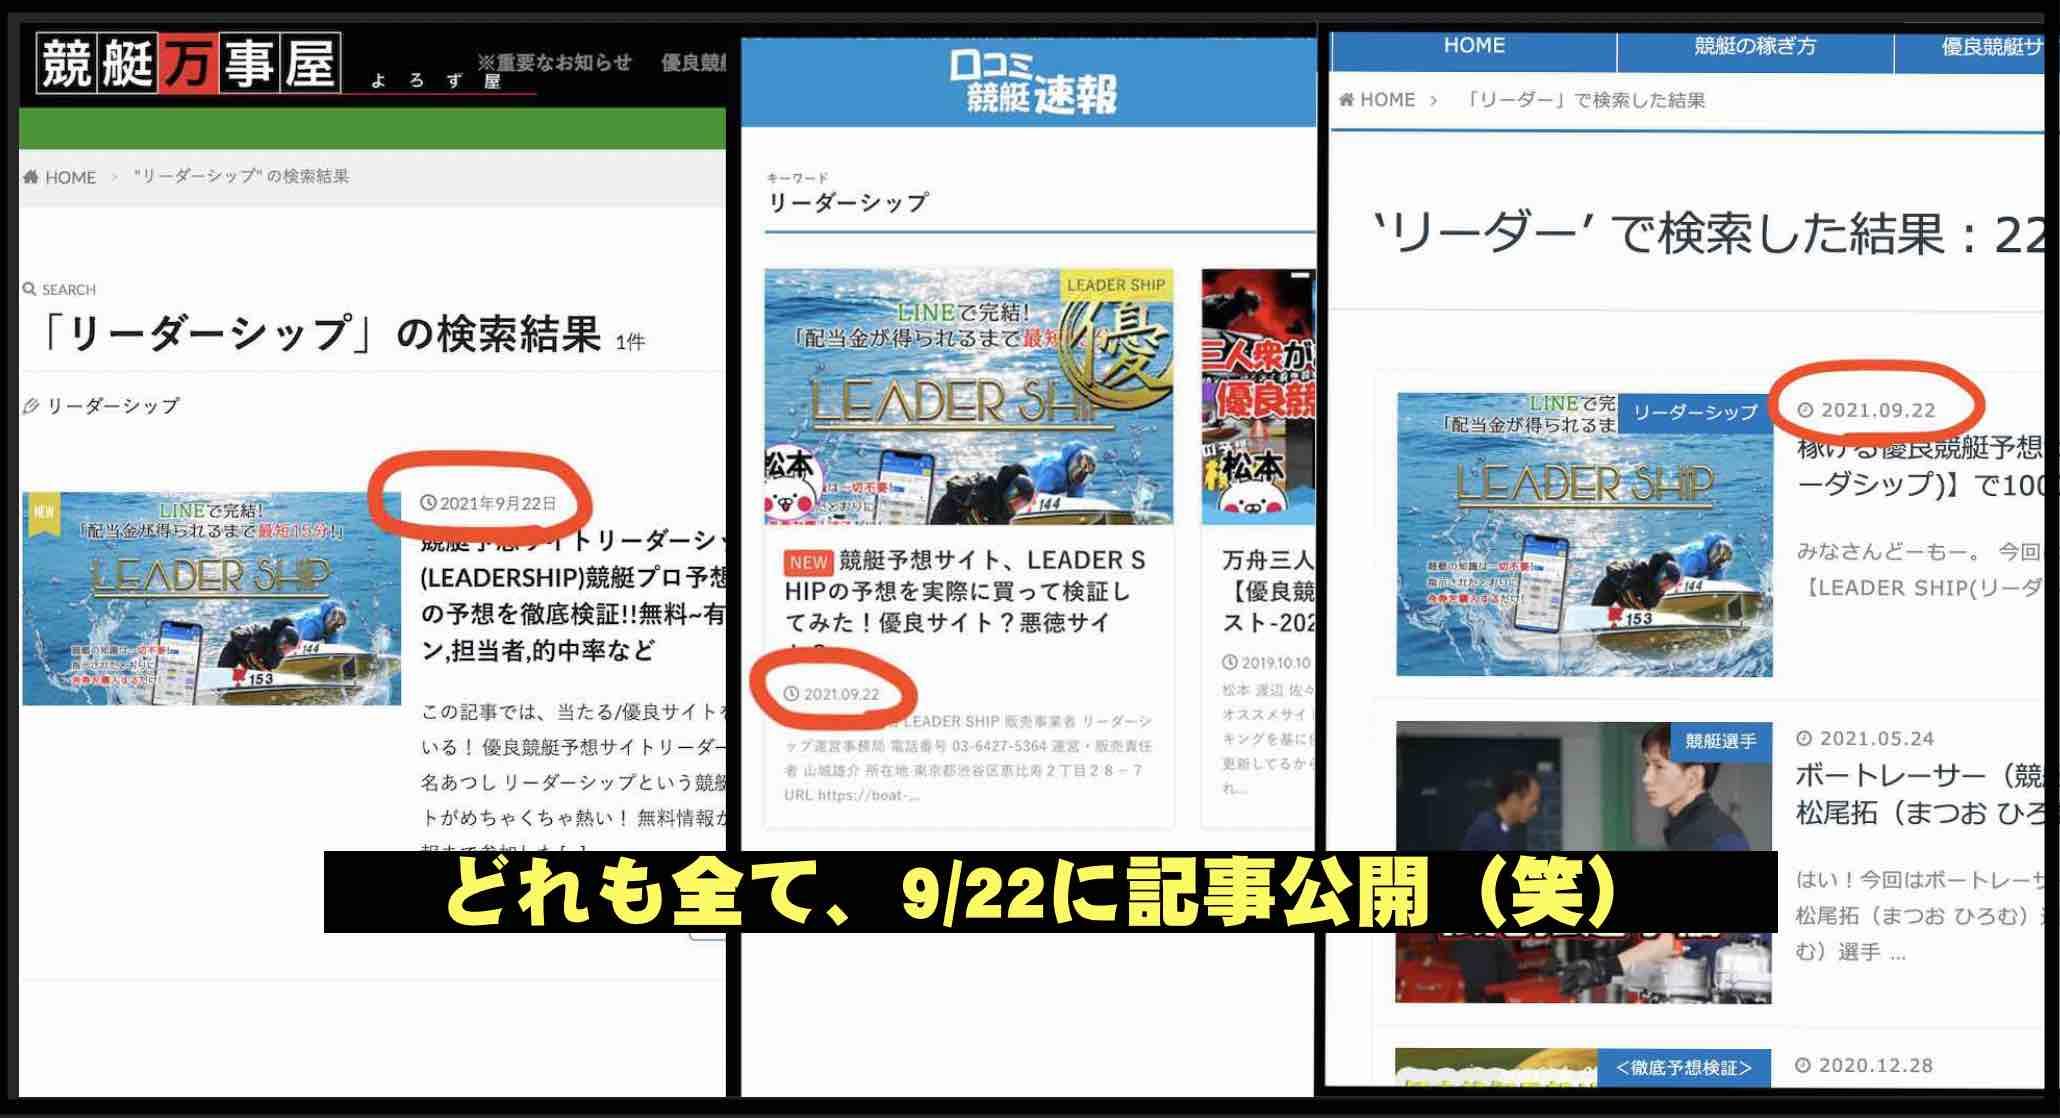 リーダーシップ(LEADERSHIP)という競艇予想サイトの集客用ブログはどれも同じ